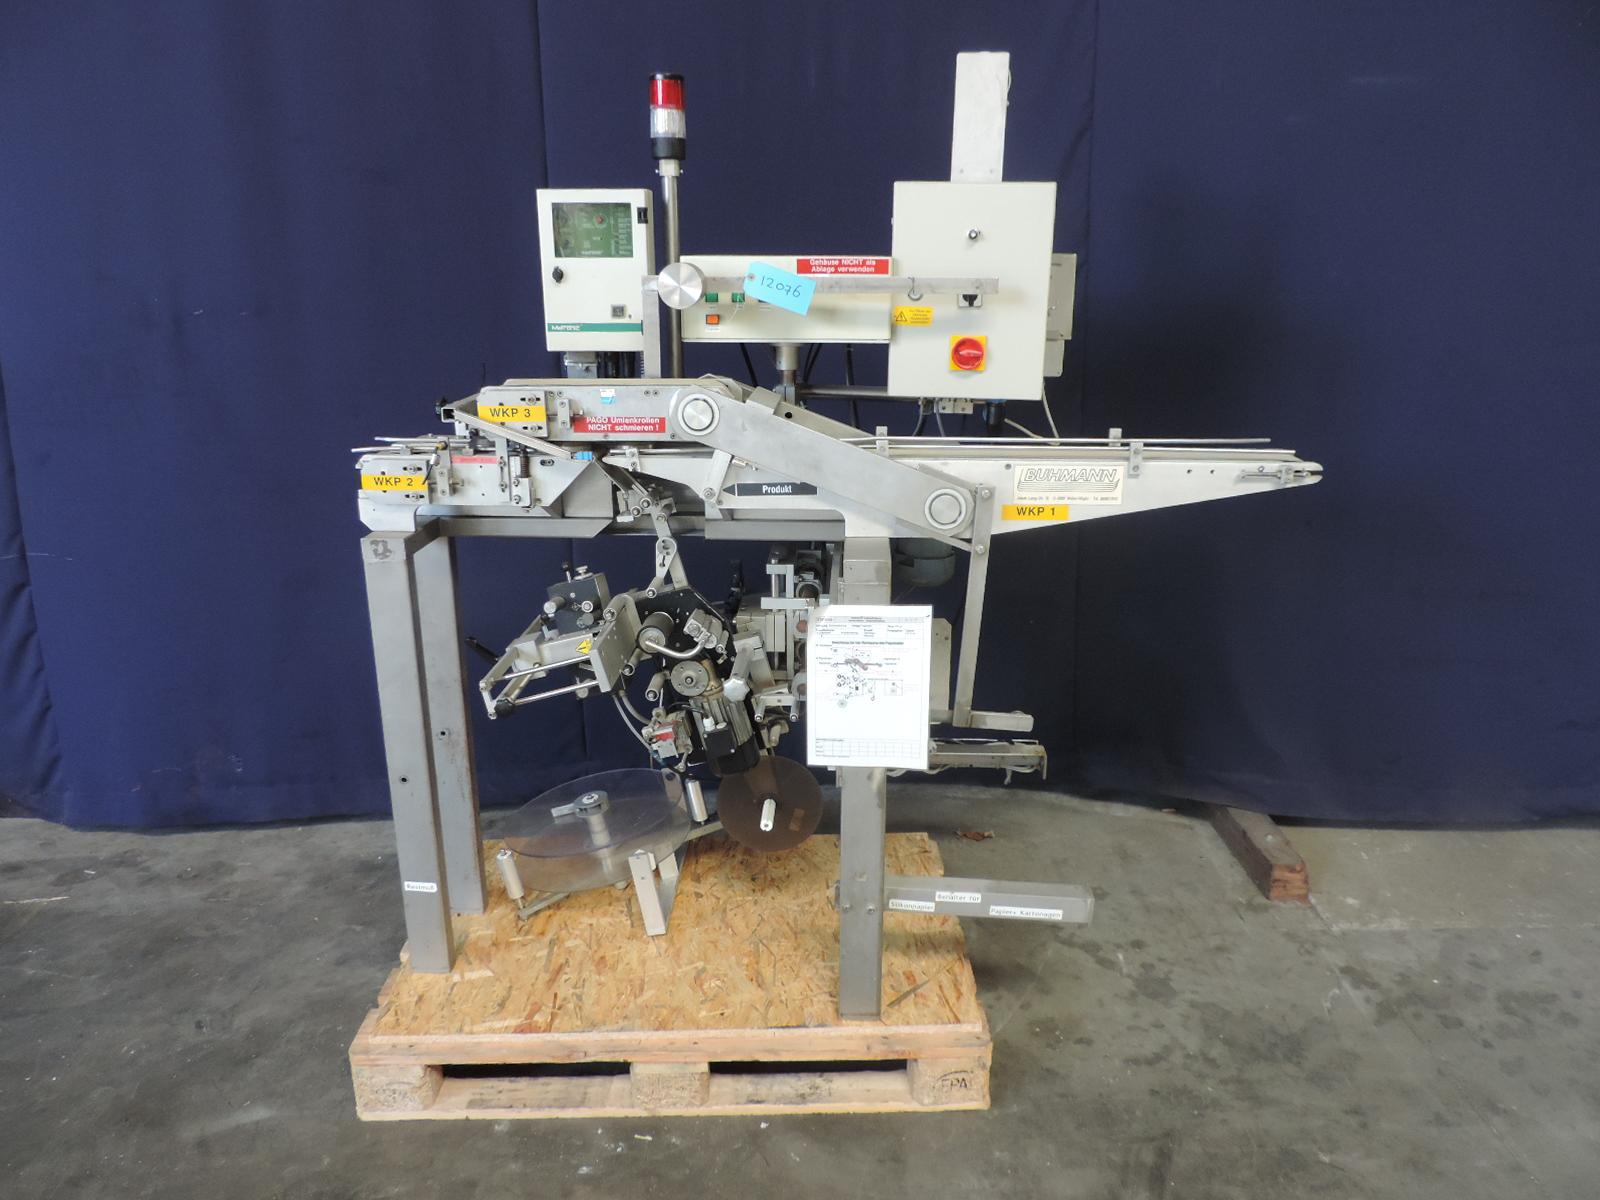 Somic VA91 Cheese equipment